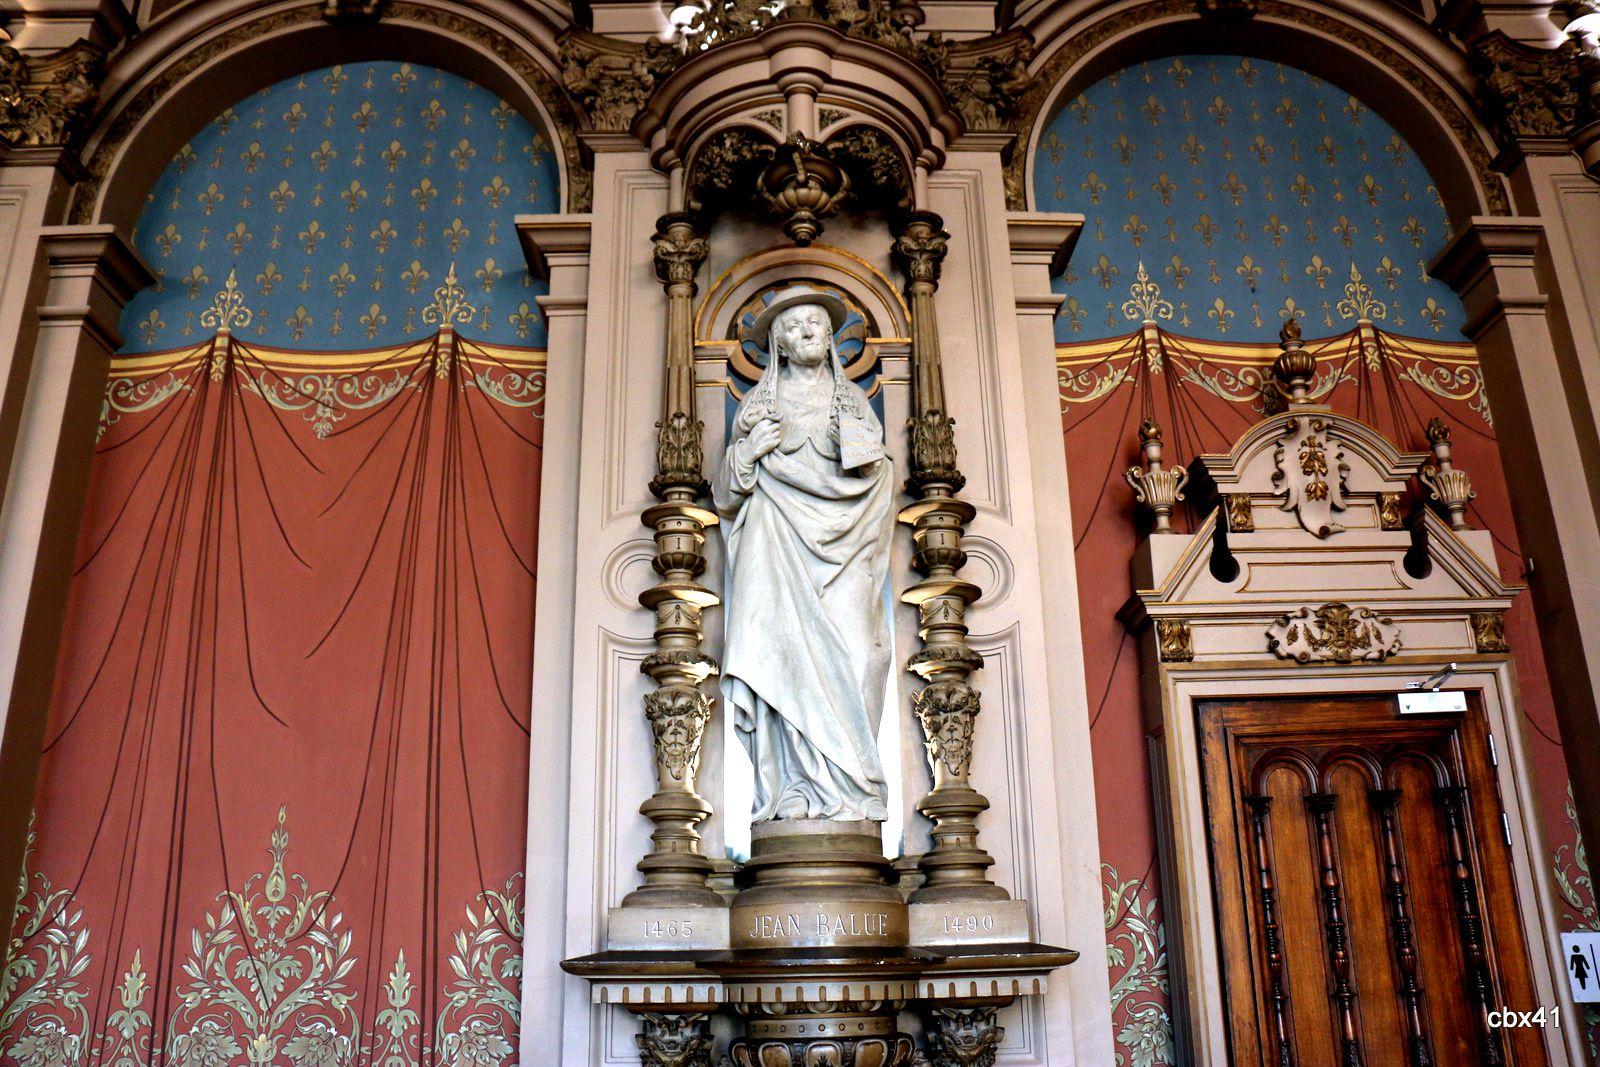 Jean Balue, salle des abbés du palais de la Bénédictine